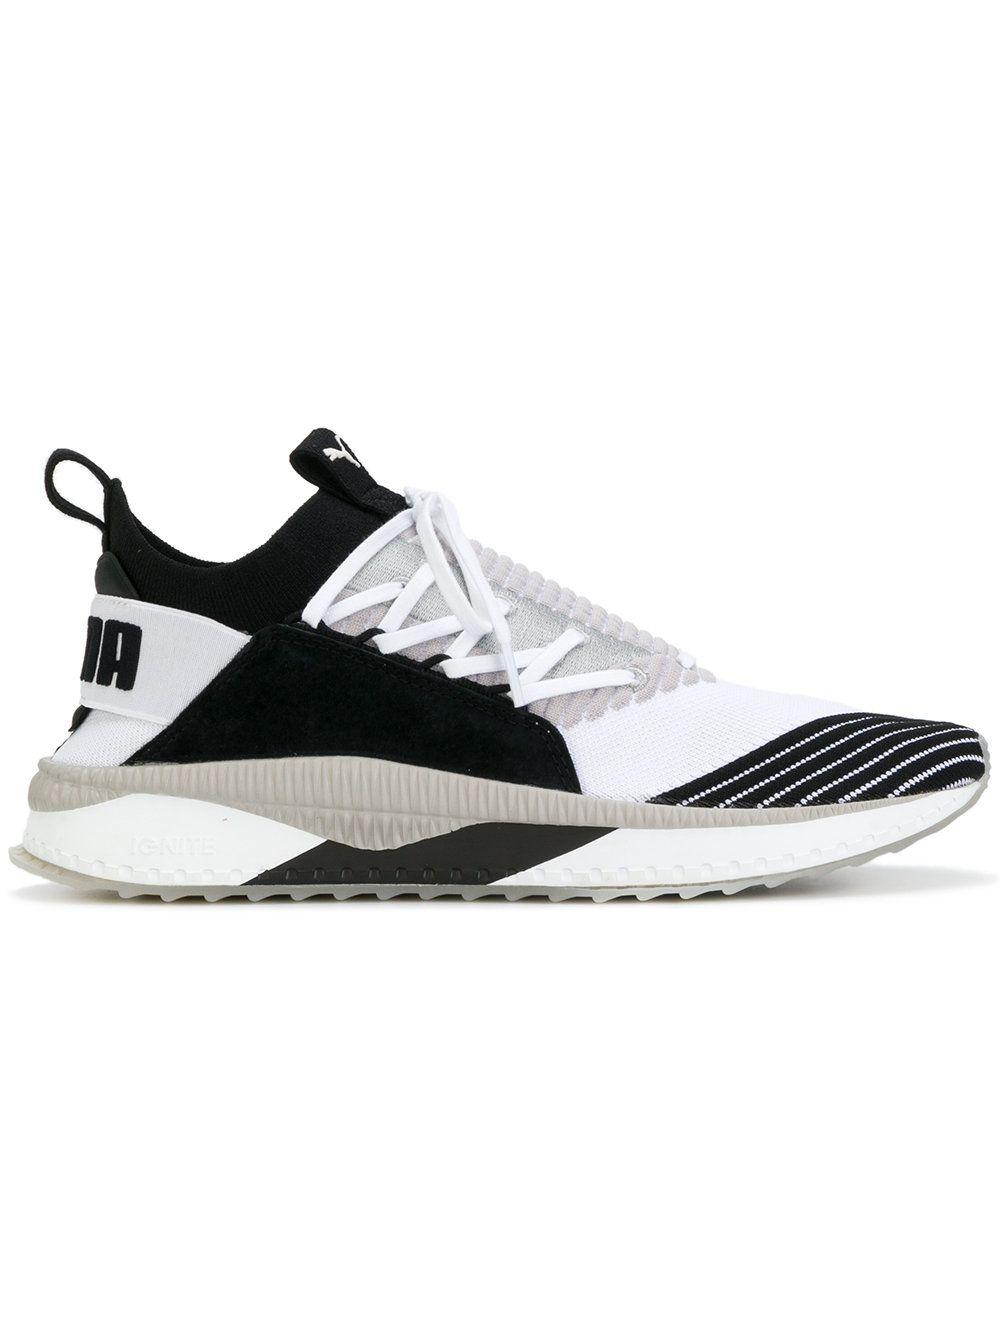 Puma zapatillas deportivas stretch